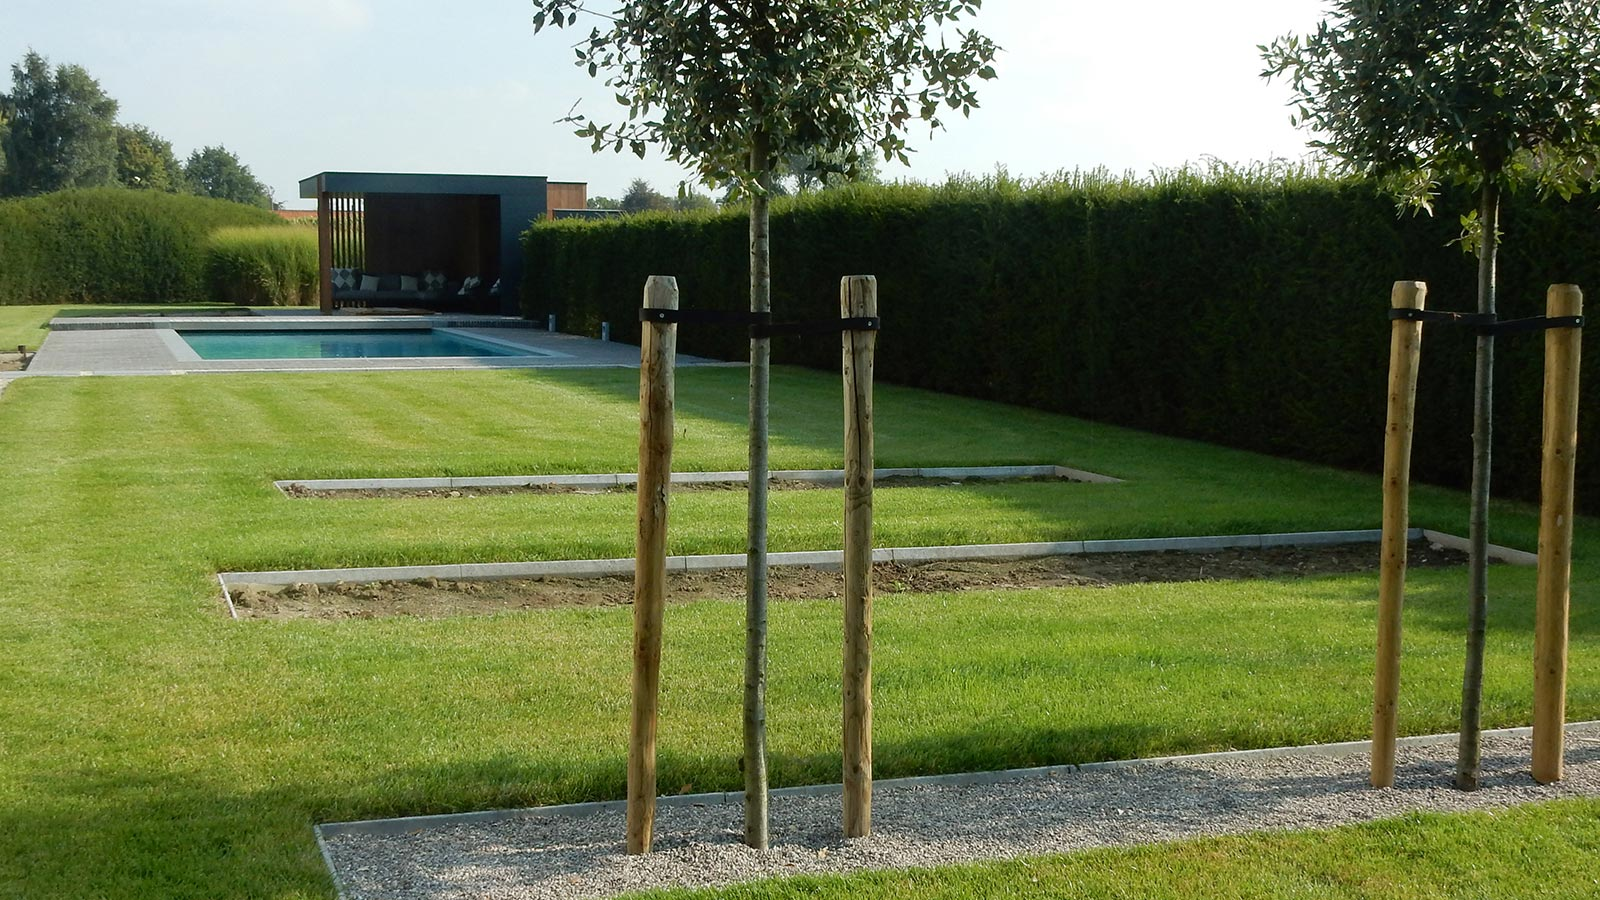 Strak poolhouse en tuinaanleg rond bestaand zwembad aaleg terras en paden in kleiklinkers - Zwembad in het terras ...